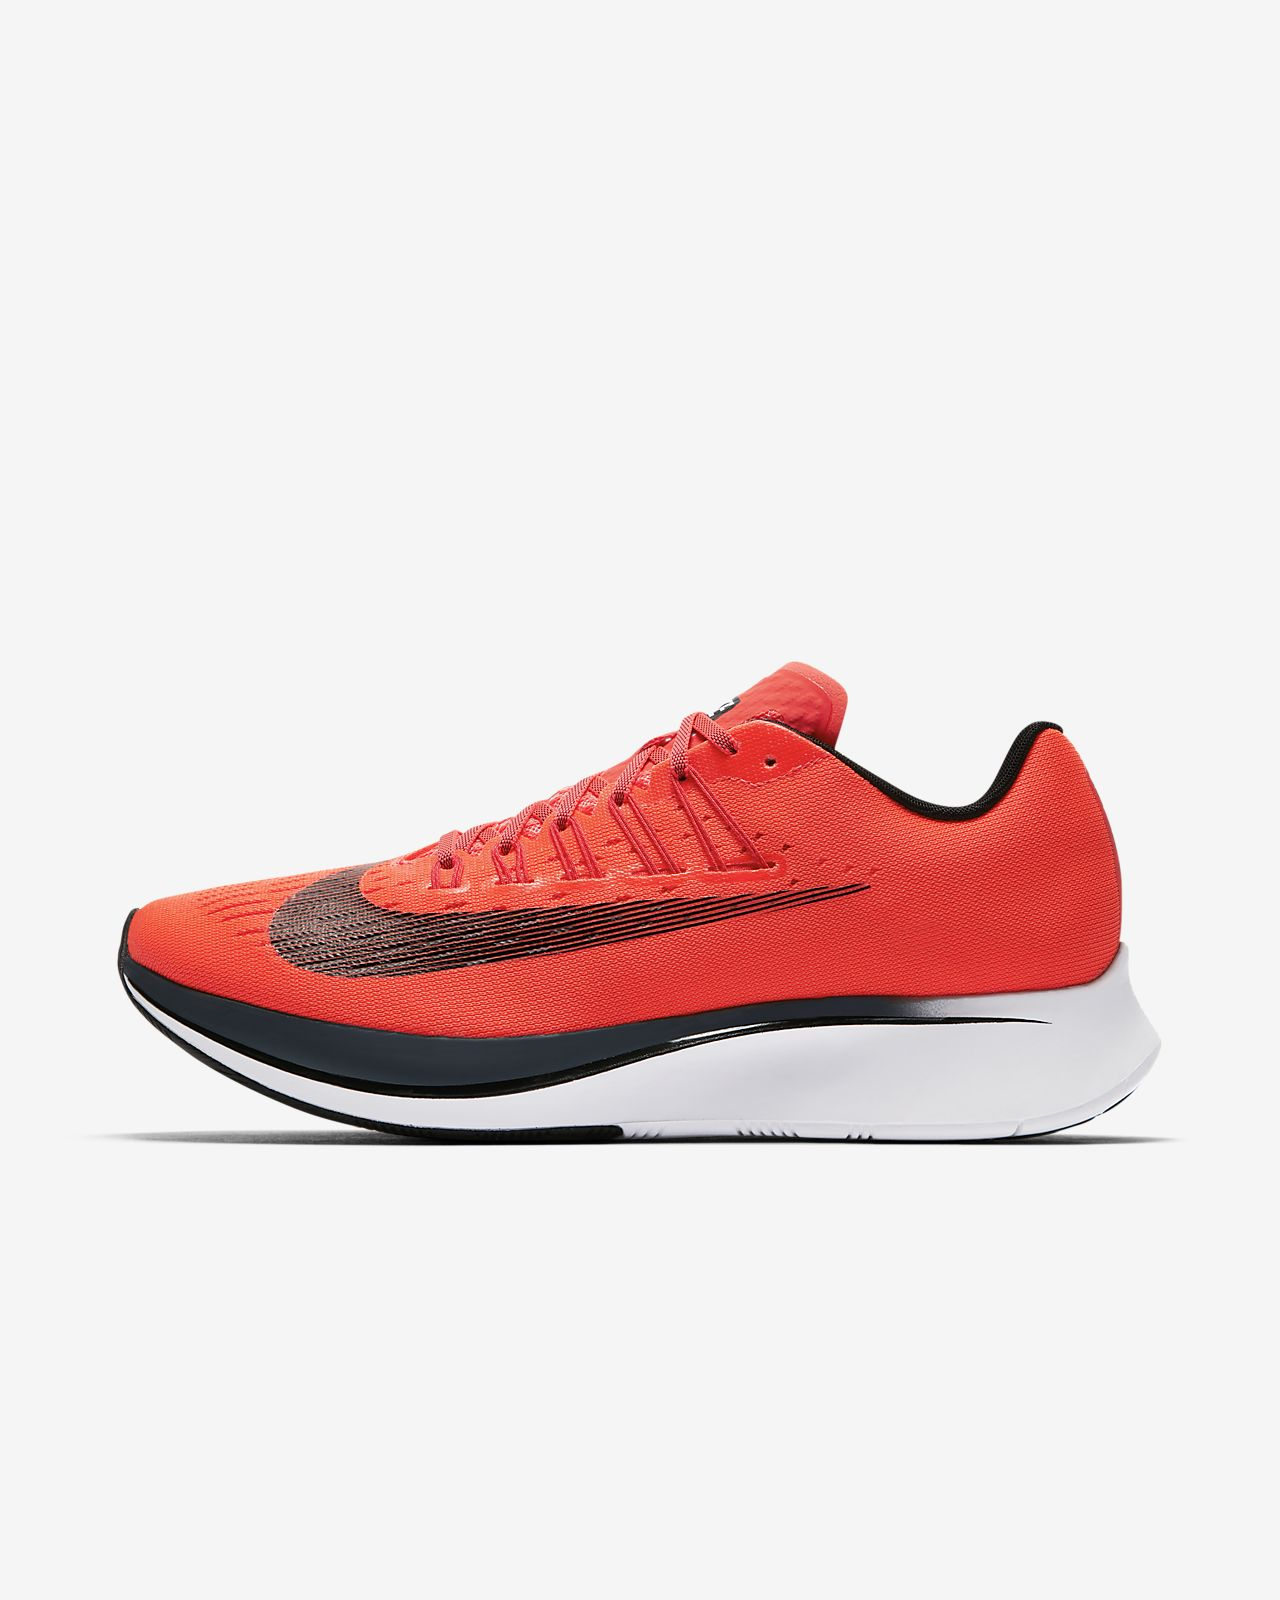 635ce93442 Calzado de running para hombre Nike Zoom Fly. Nike.com MX